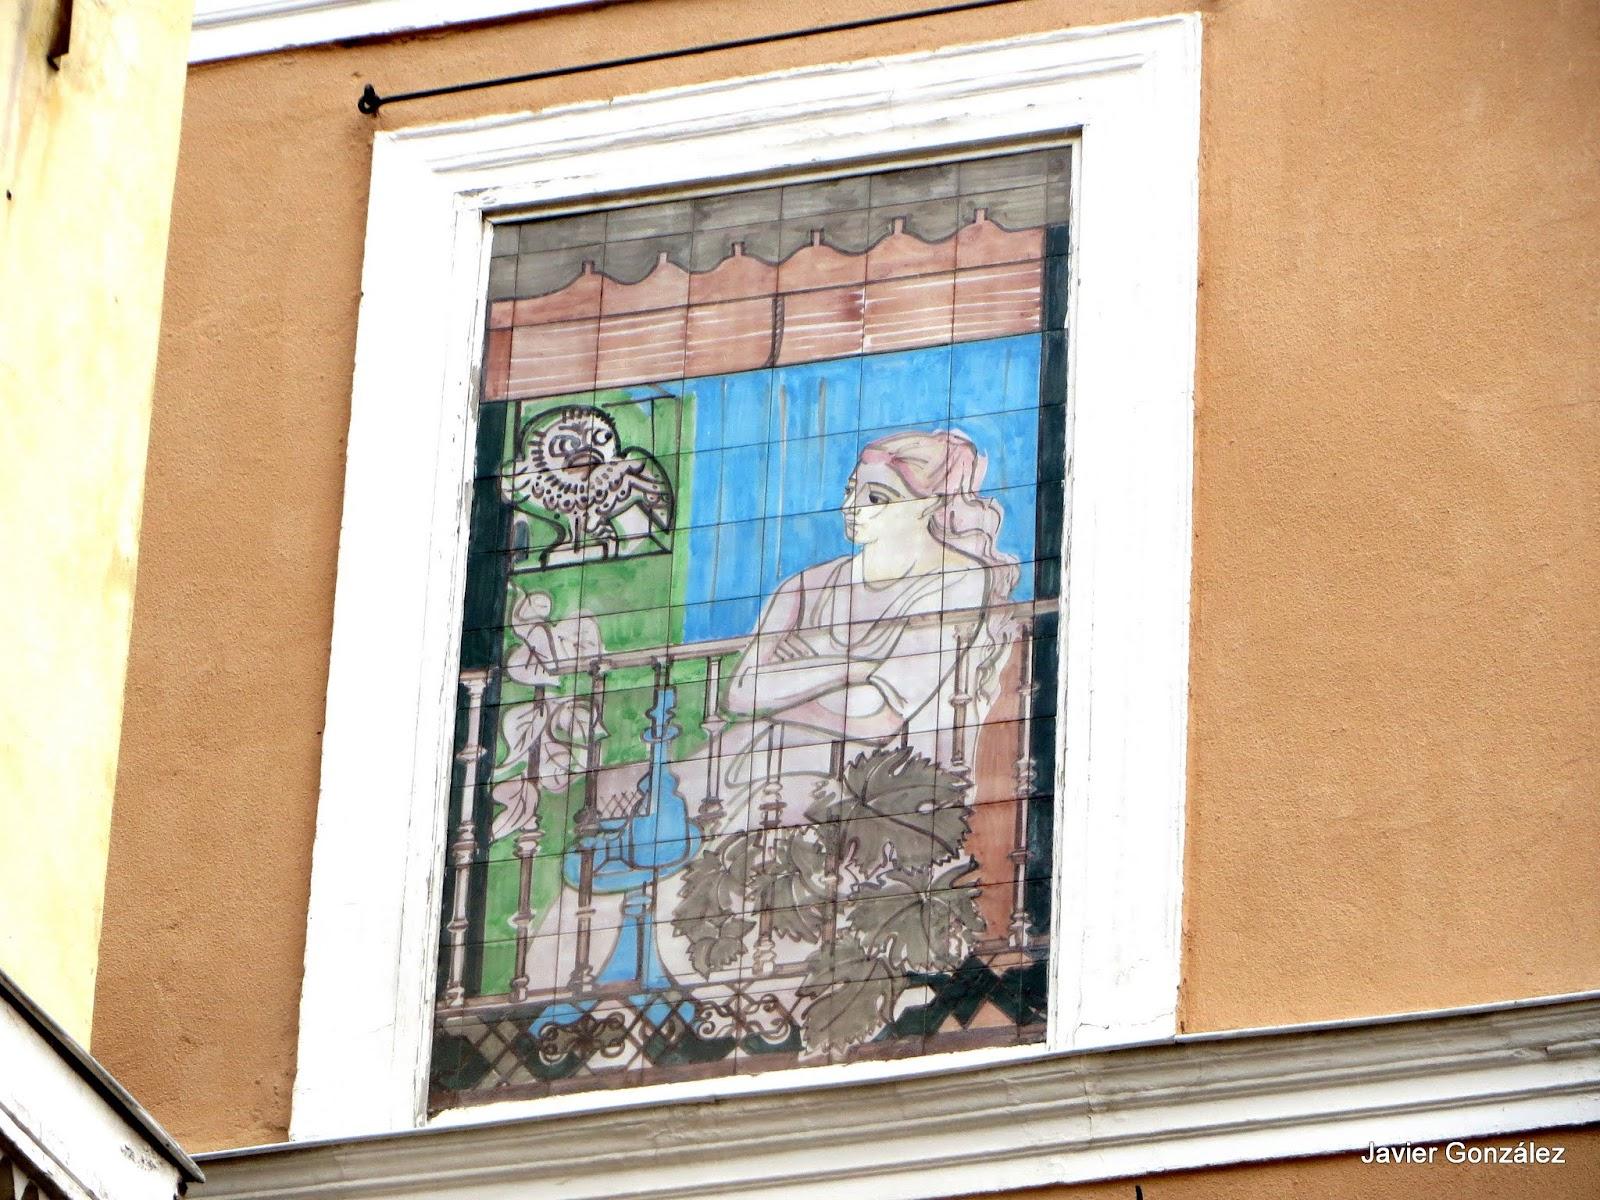 Cuadros en azulejos de Picasso. Lavapiés. Madrid #cityscapes